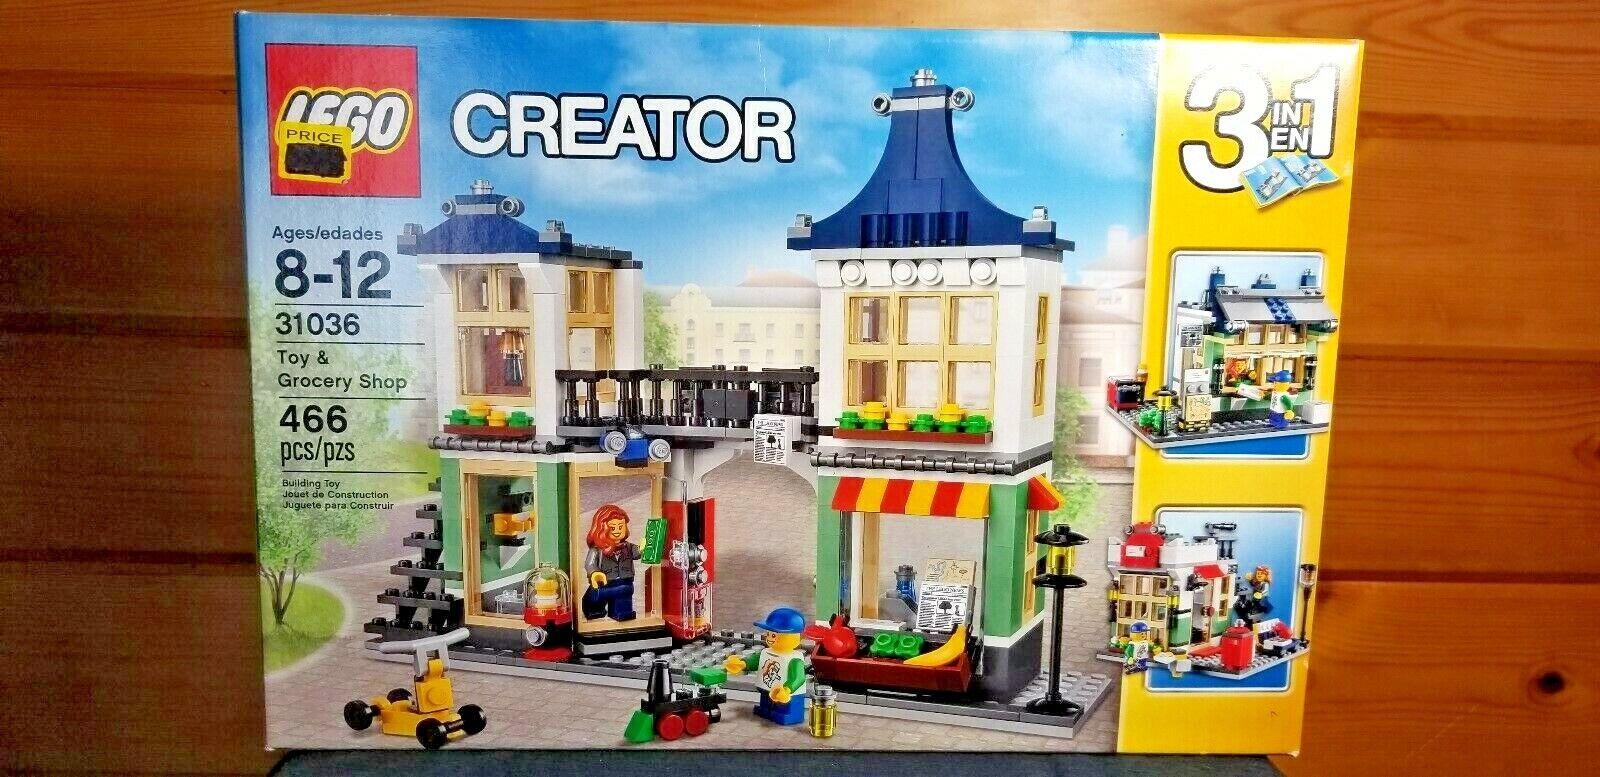 Lego   31036 Creator giocattolo & Grocery negozio  ordina ora i prezzi più bassi